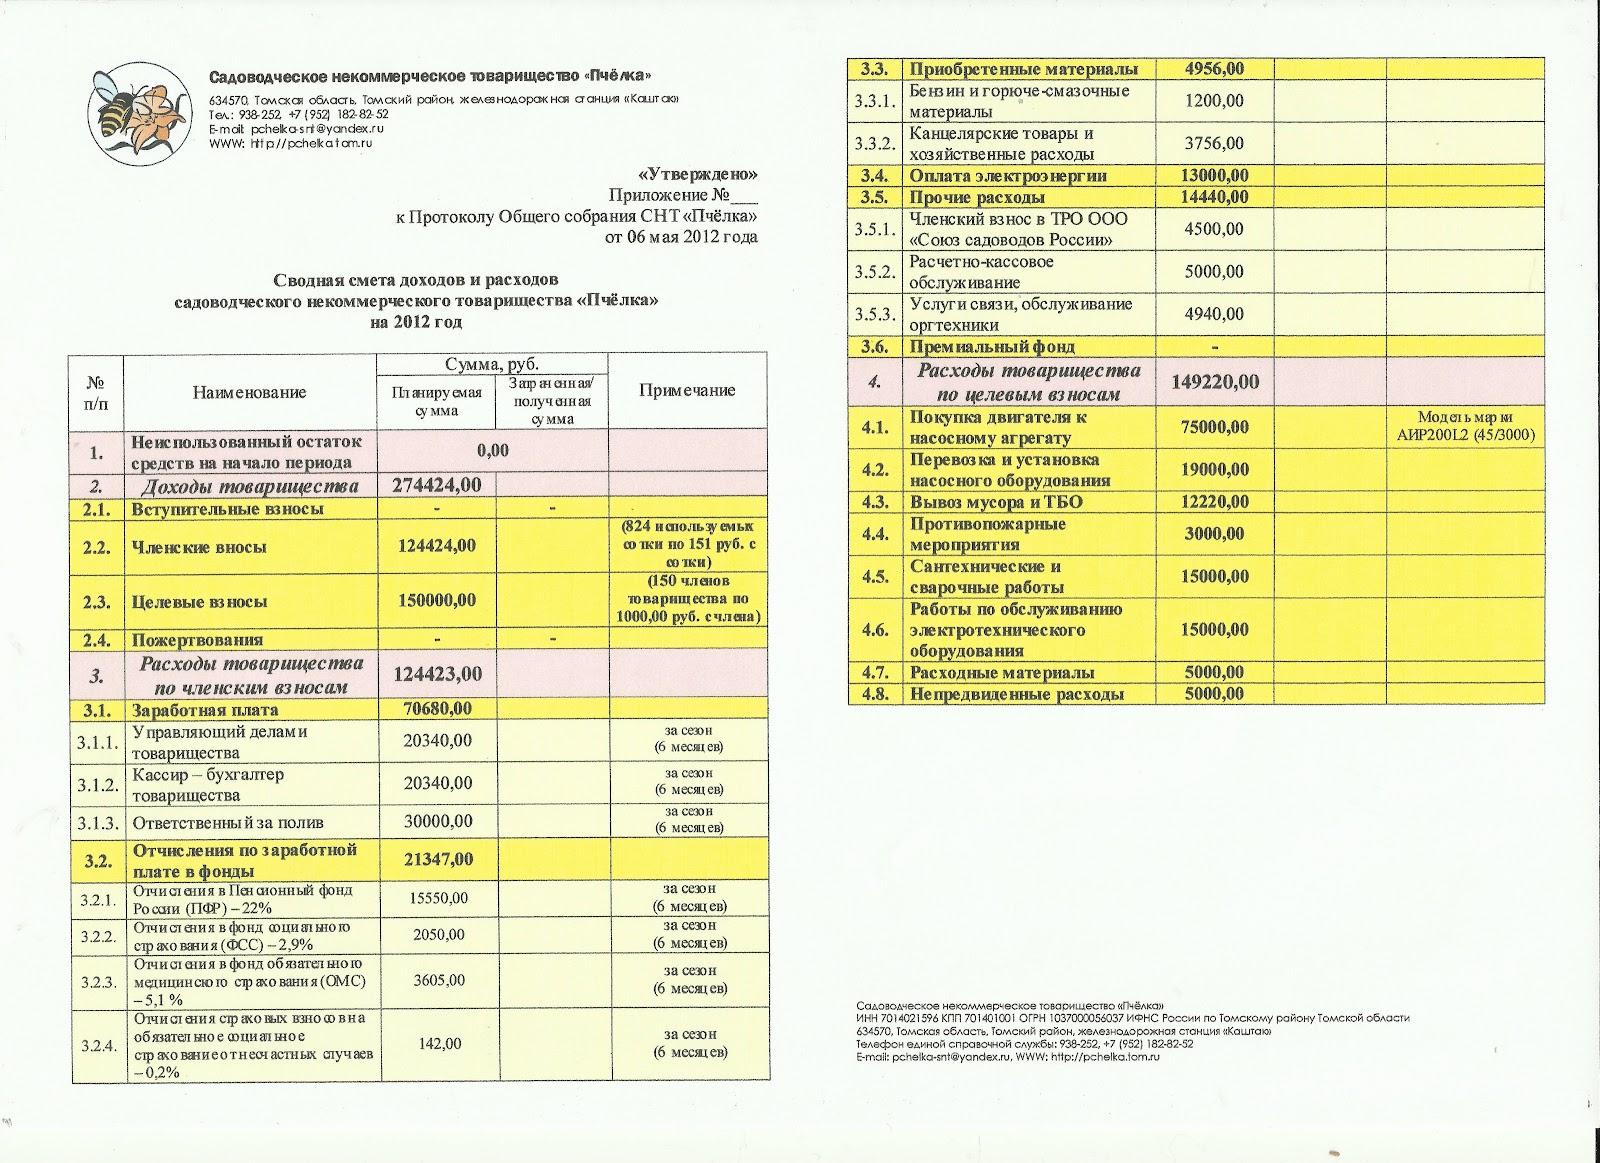 Скачать бланк сметы доходов и расходов